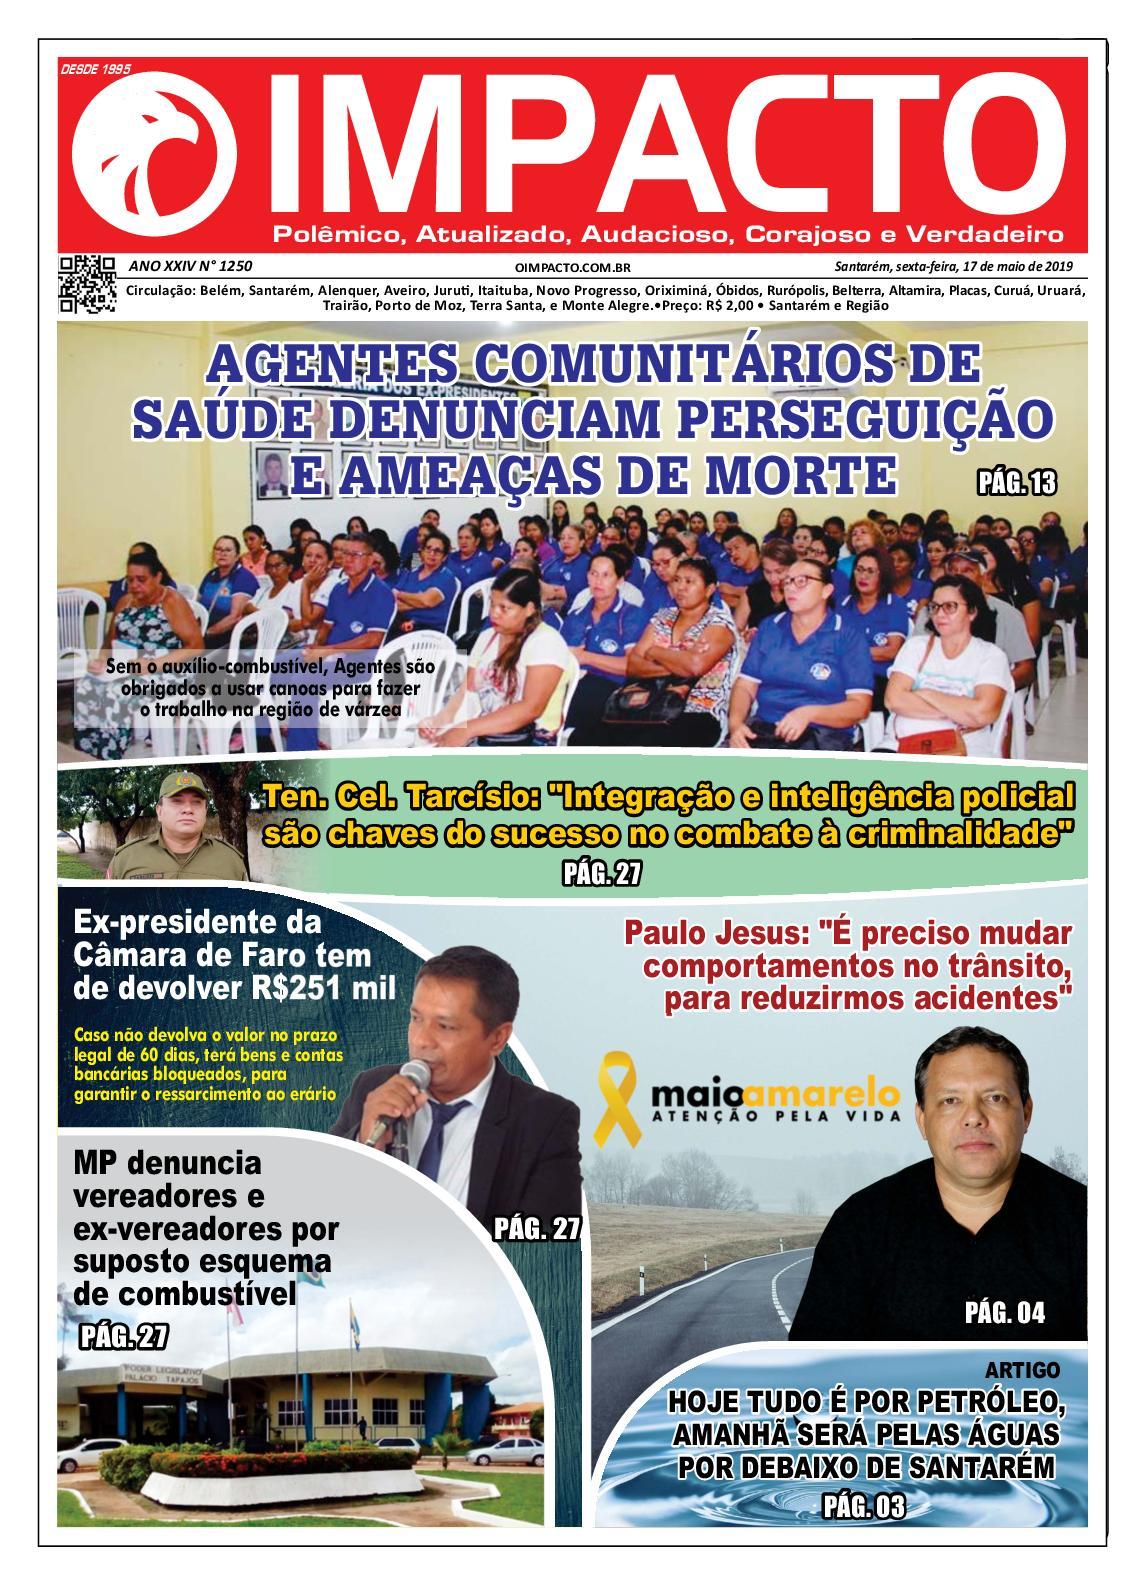 Jornal O Impacto Ed. 1250